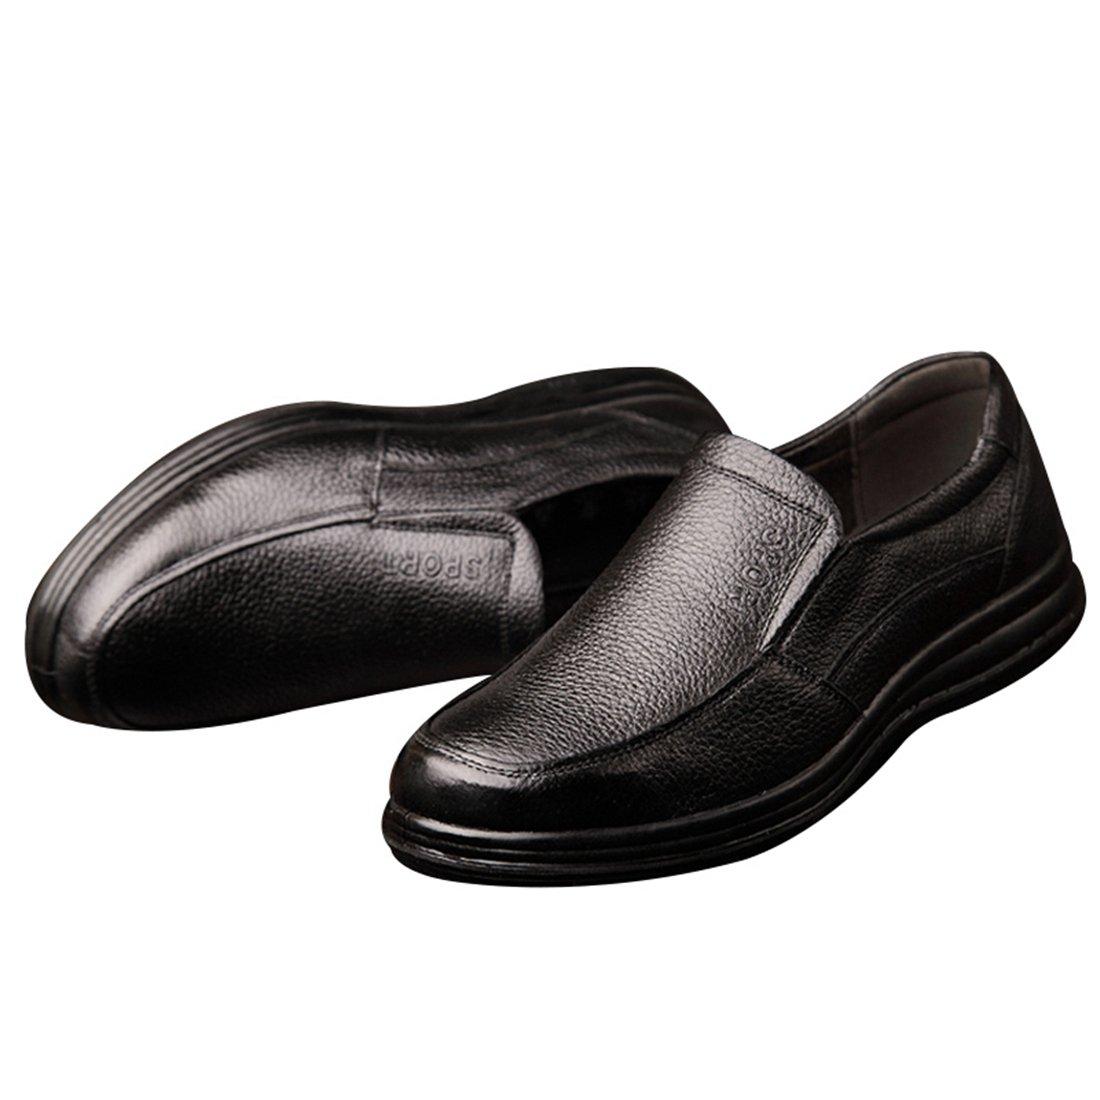 Enerhu Men Slip on Work Shoe Flat Chef Shoes Leather Wear Resistant Oilproof Waterproof Black Asian 44/US 9.5 by Enerhu (Image #3)